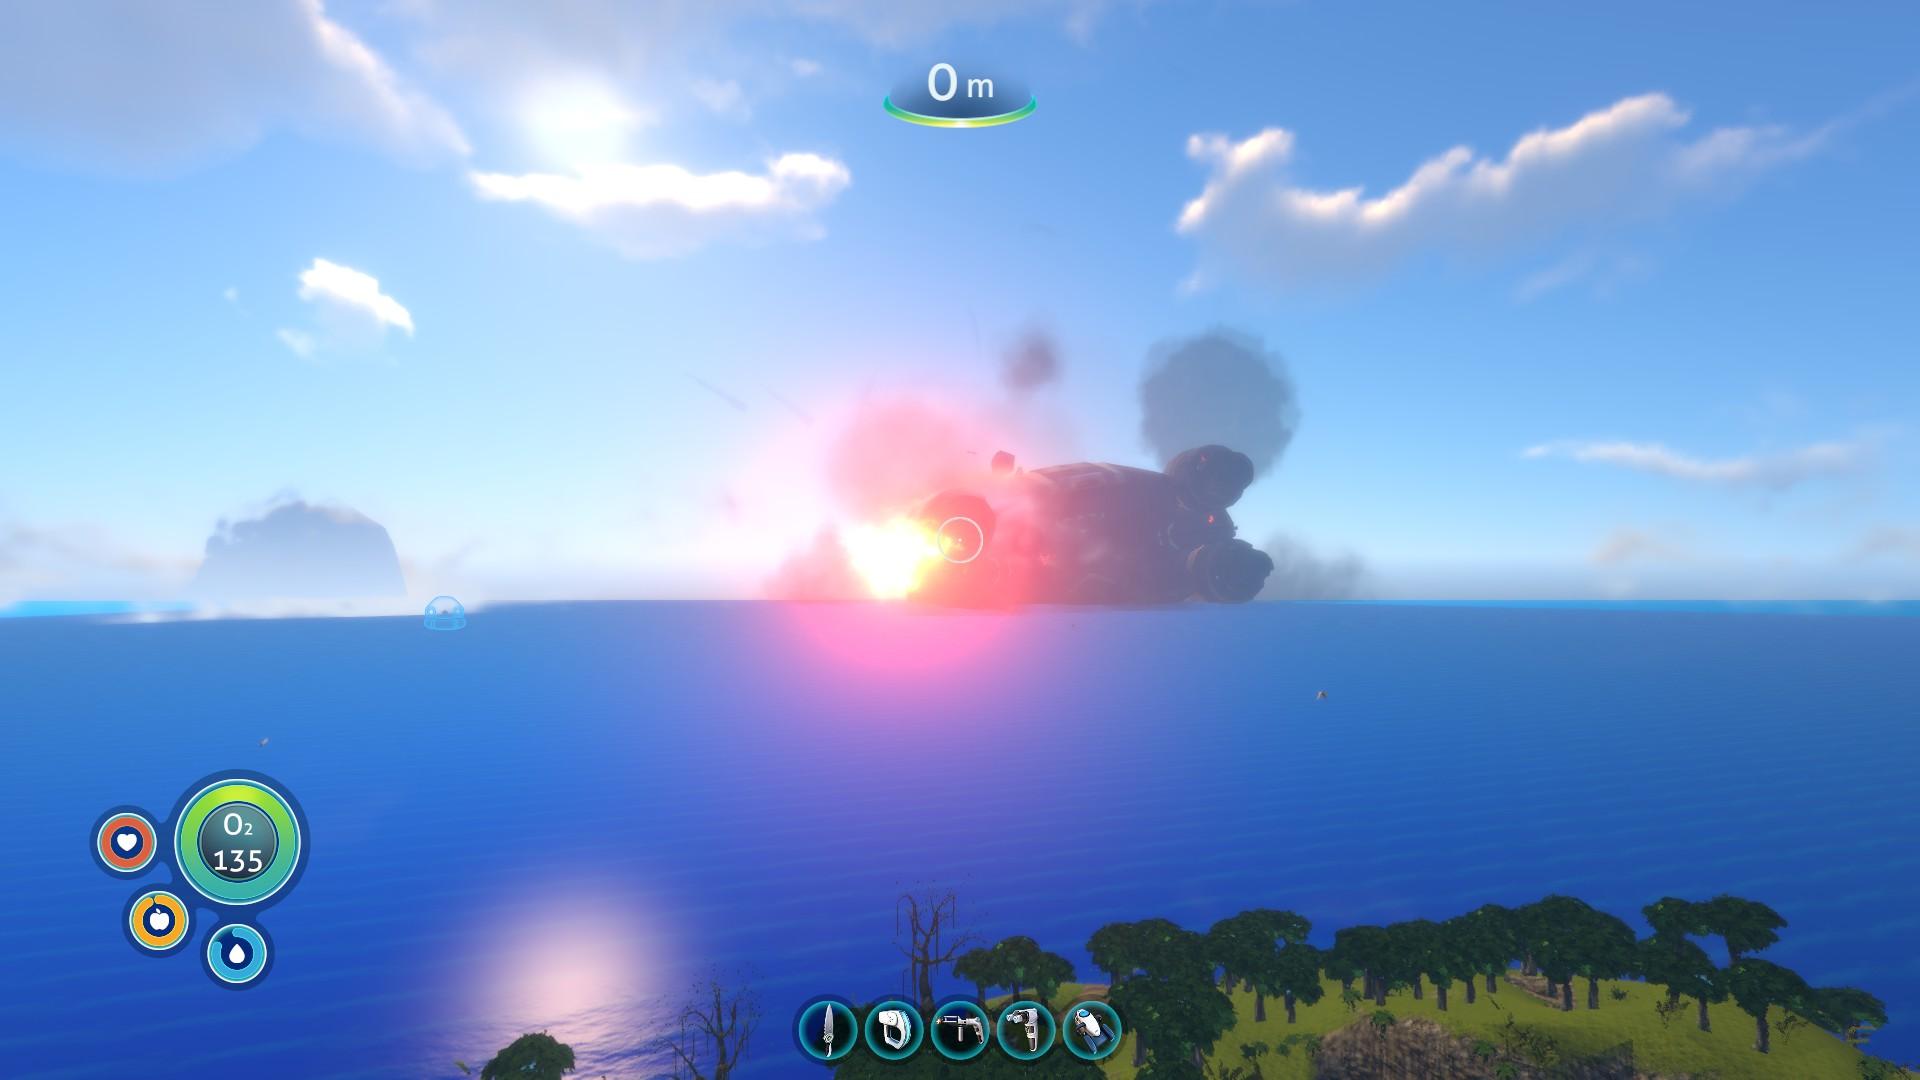 【游戏攻略】《深海迷航》新人玩家攻略